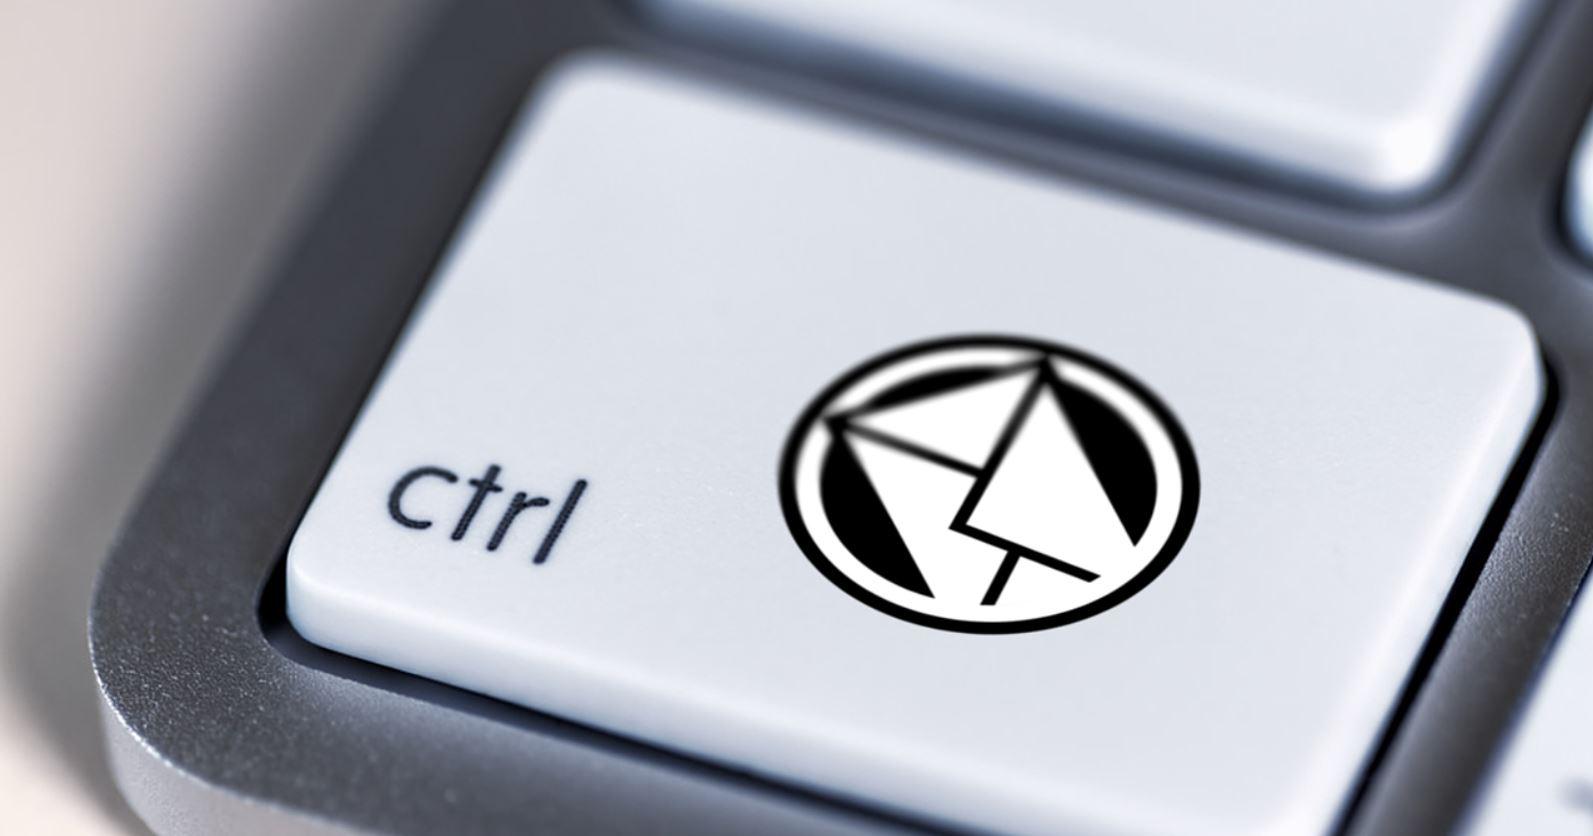 Come controllare se la tua email è stata violata - Fabio Gasparrini creazione siti web a San Benedetto del Tronto e Ascoli Piceno